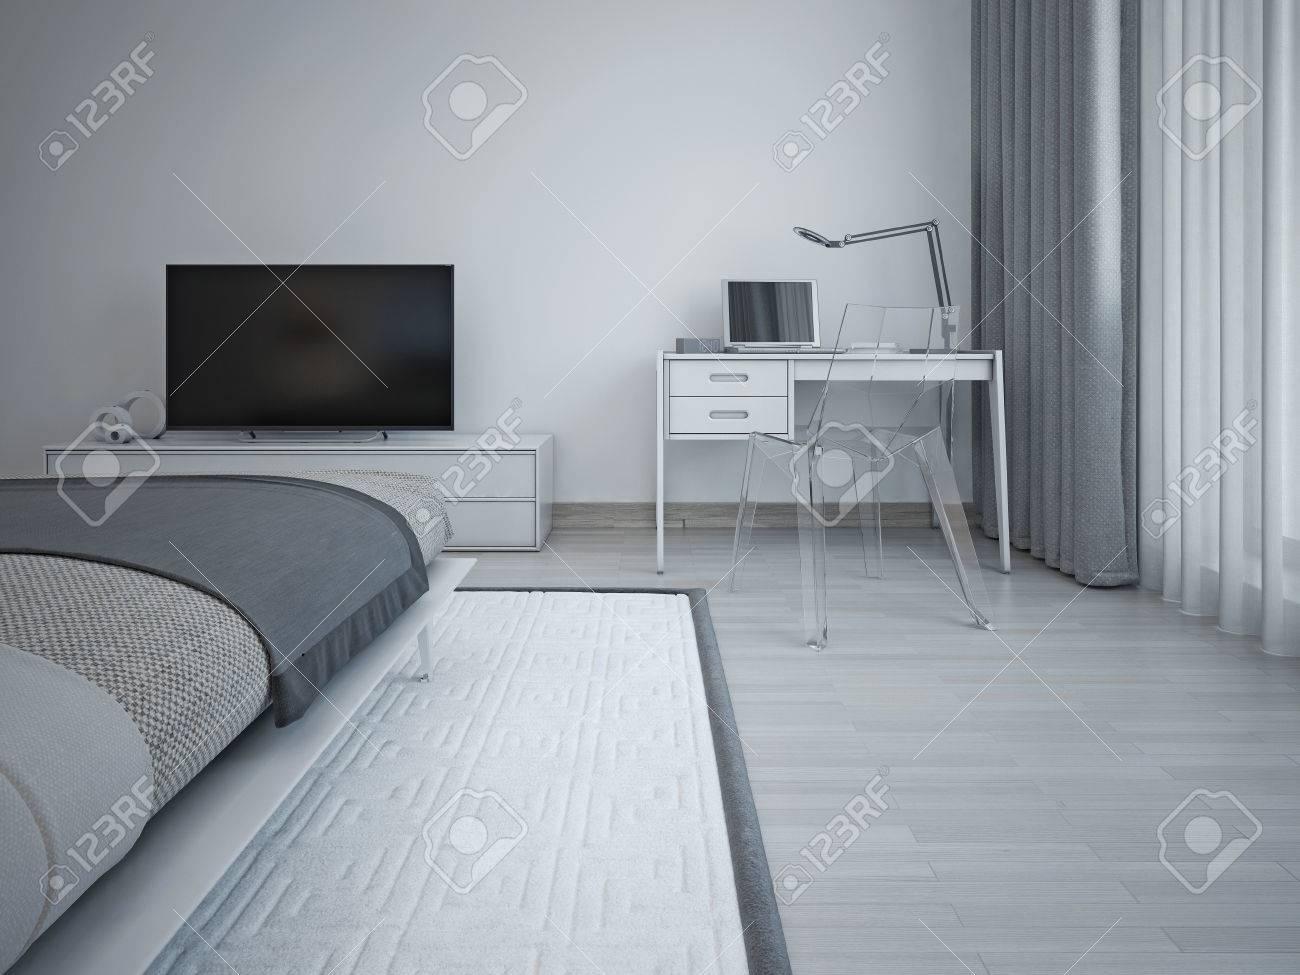 Schlafzimmer interieur im minimalistischen stil. graue wände